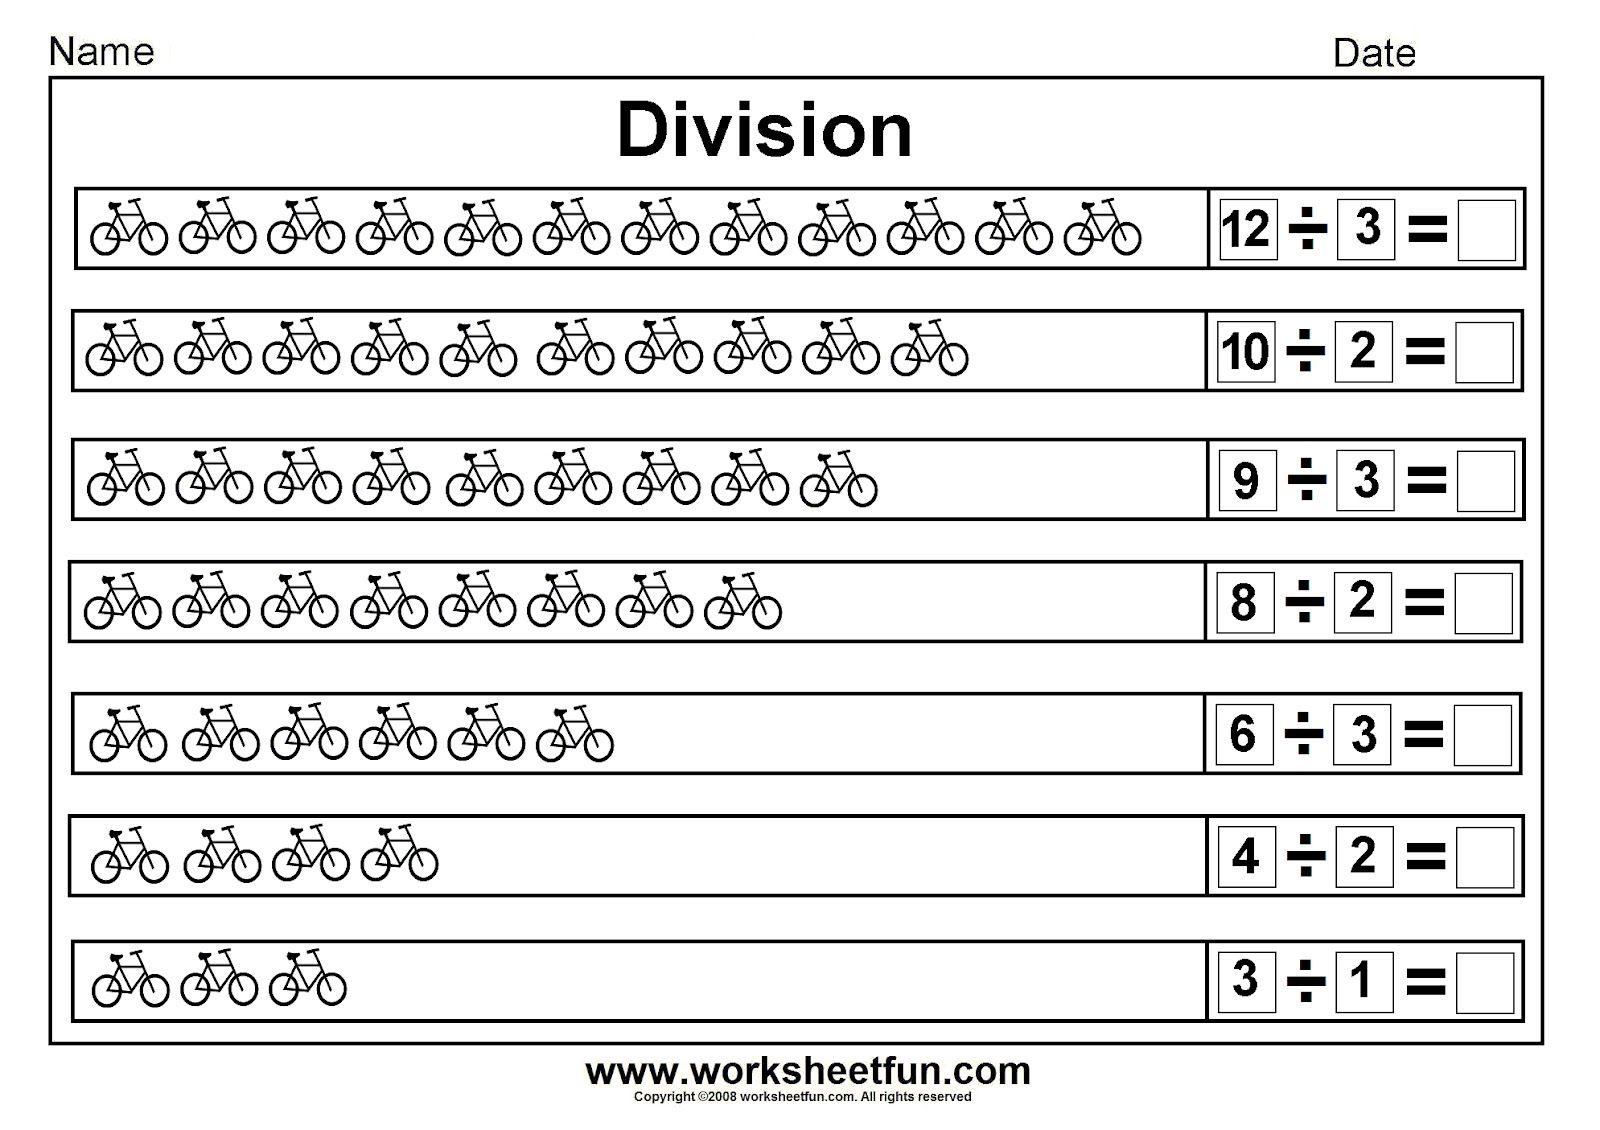 Division Worksheets Division Worksheets Worksheets For Division Worksheet Division Matematika Pendidikan Lembar Kerja